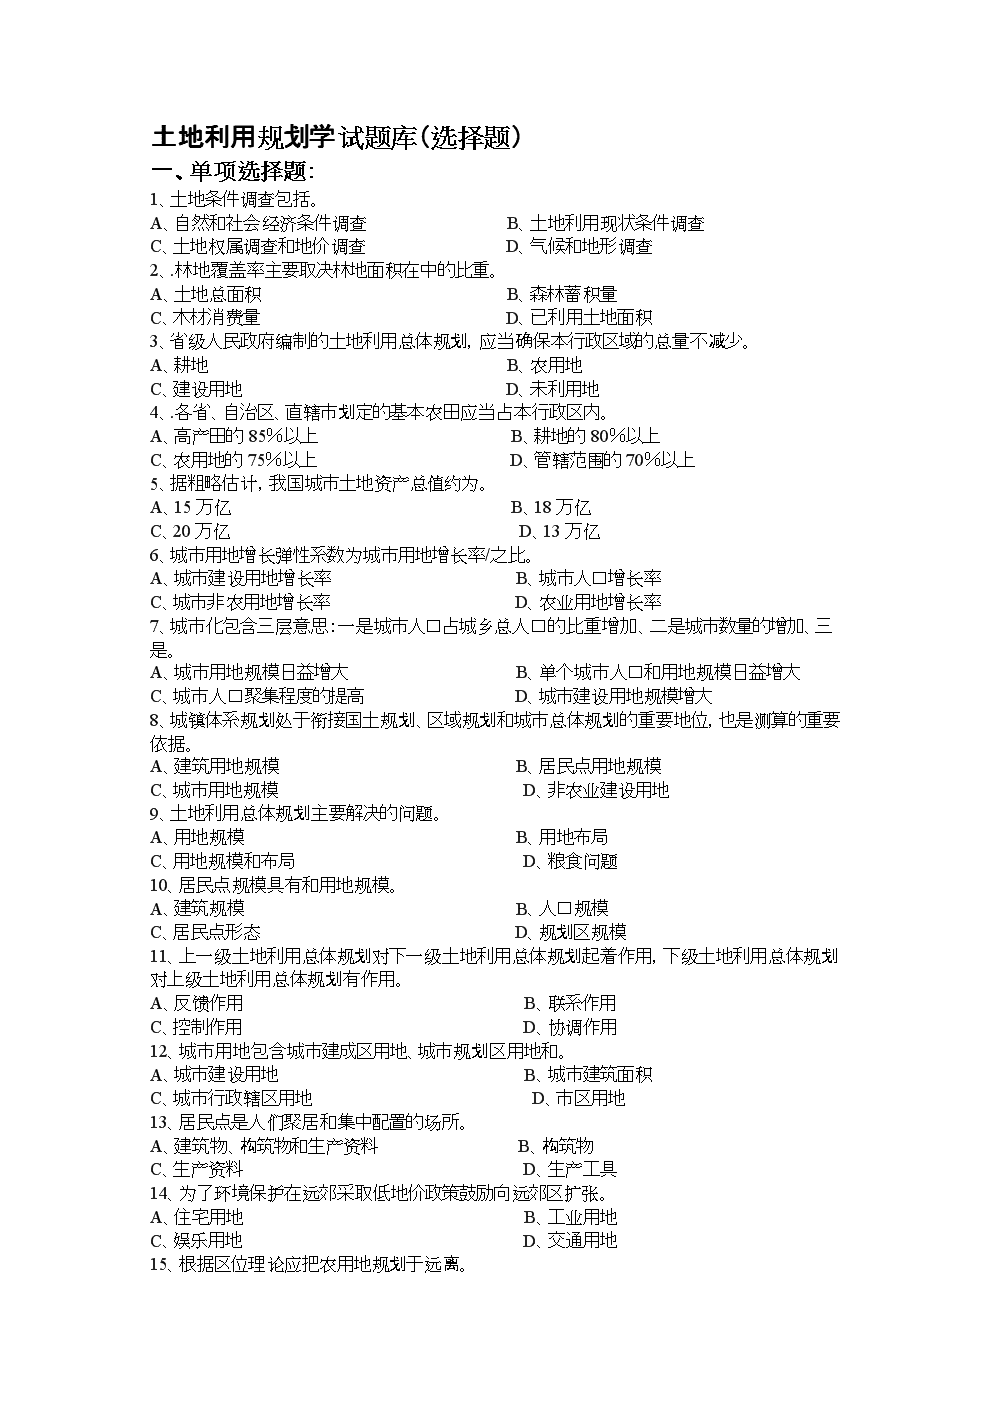 土地利用规划学试题库(选择题).doc